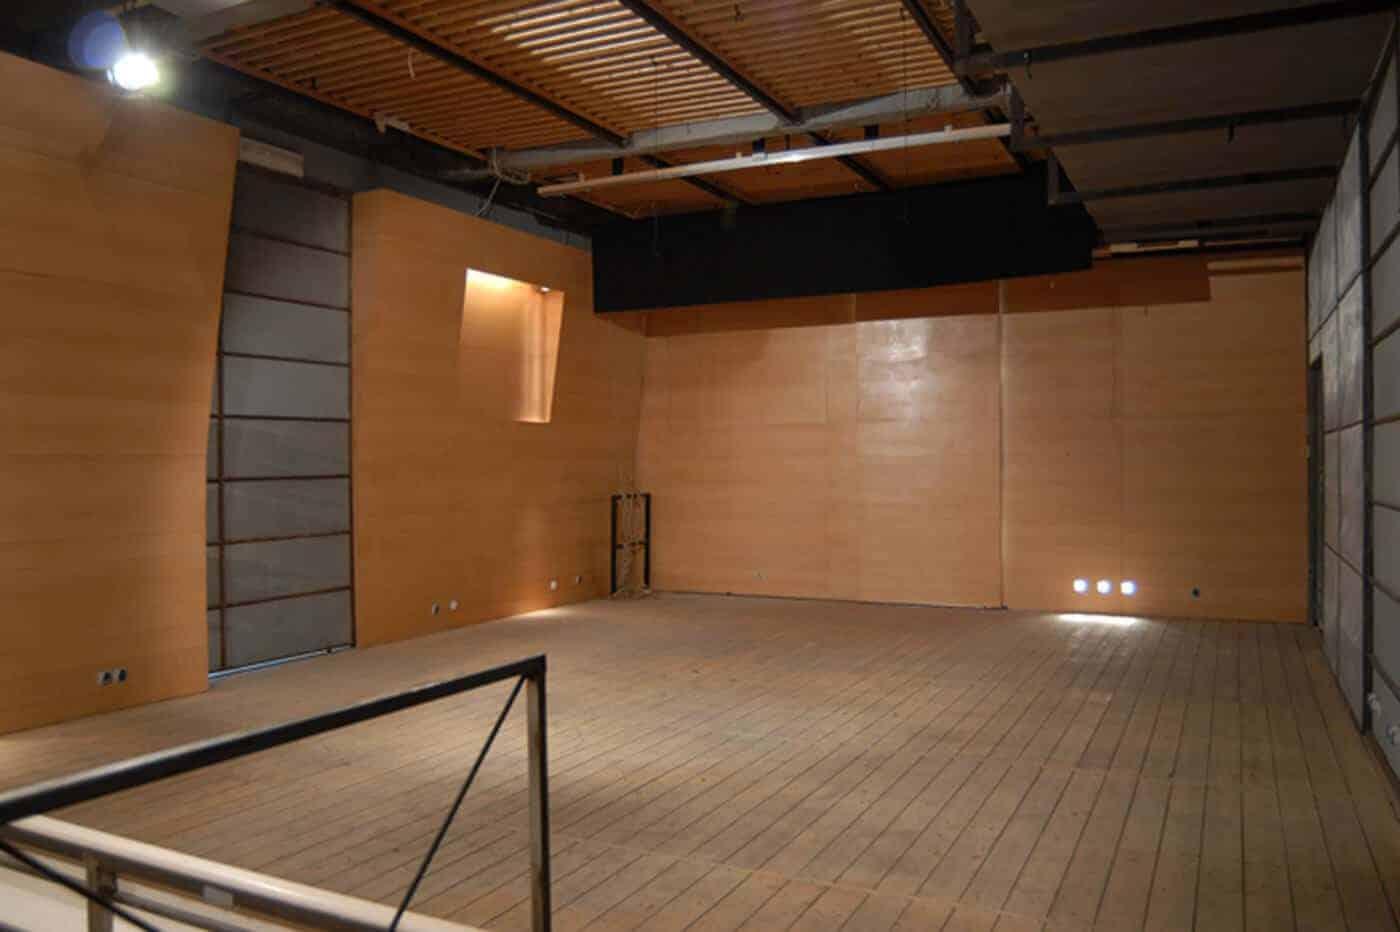 Teatro Stabile Napoli - Ridotto-3